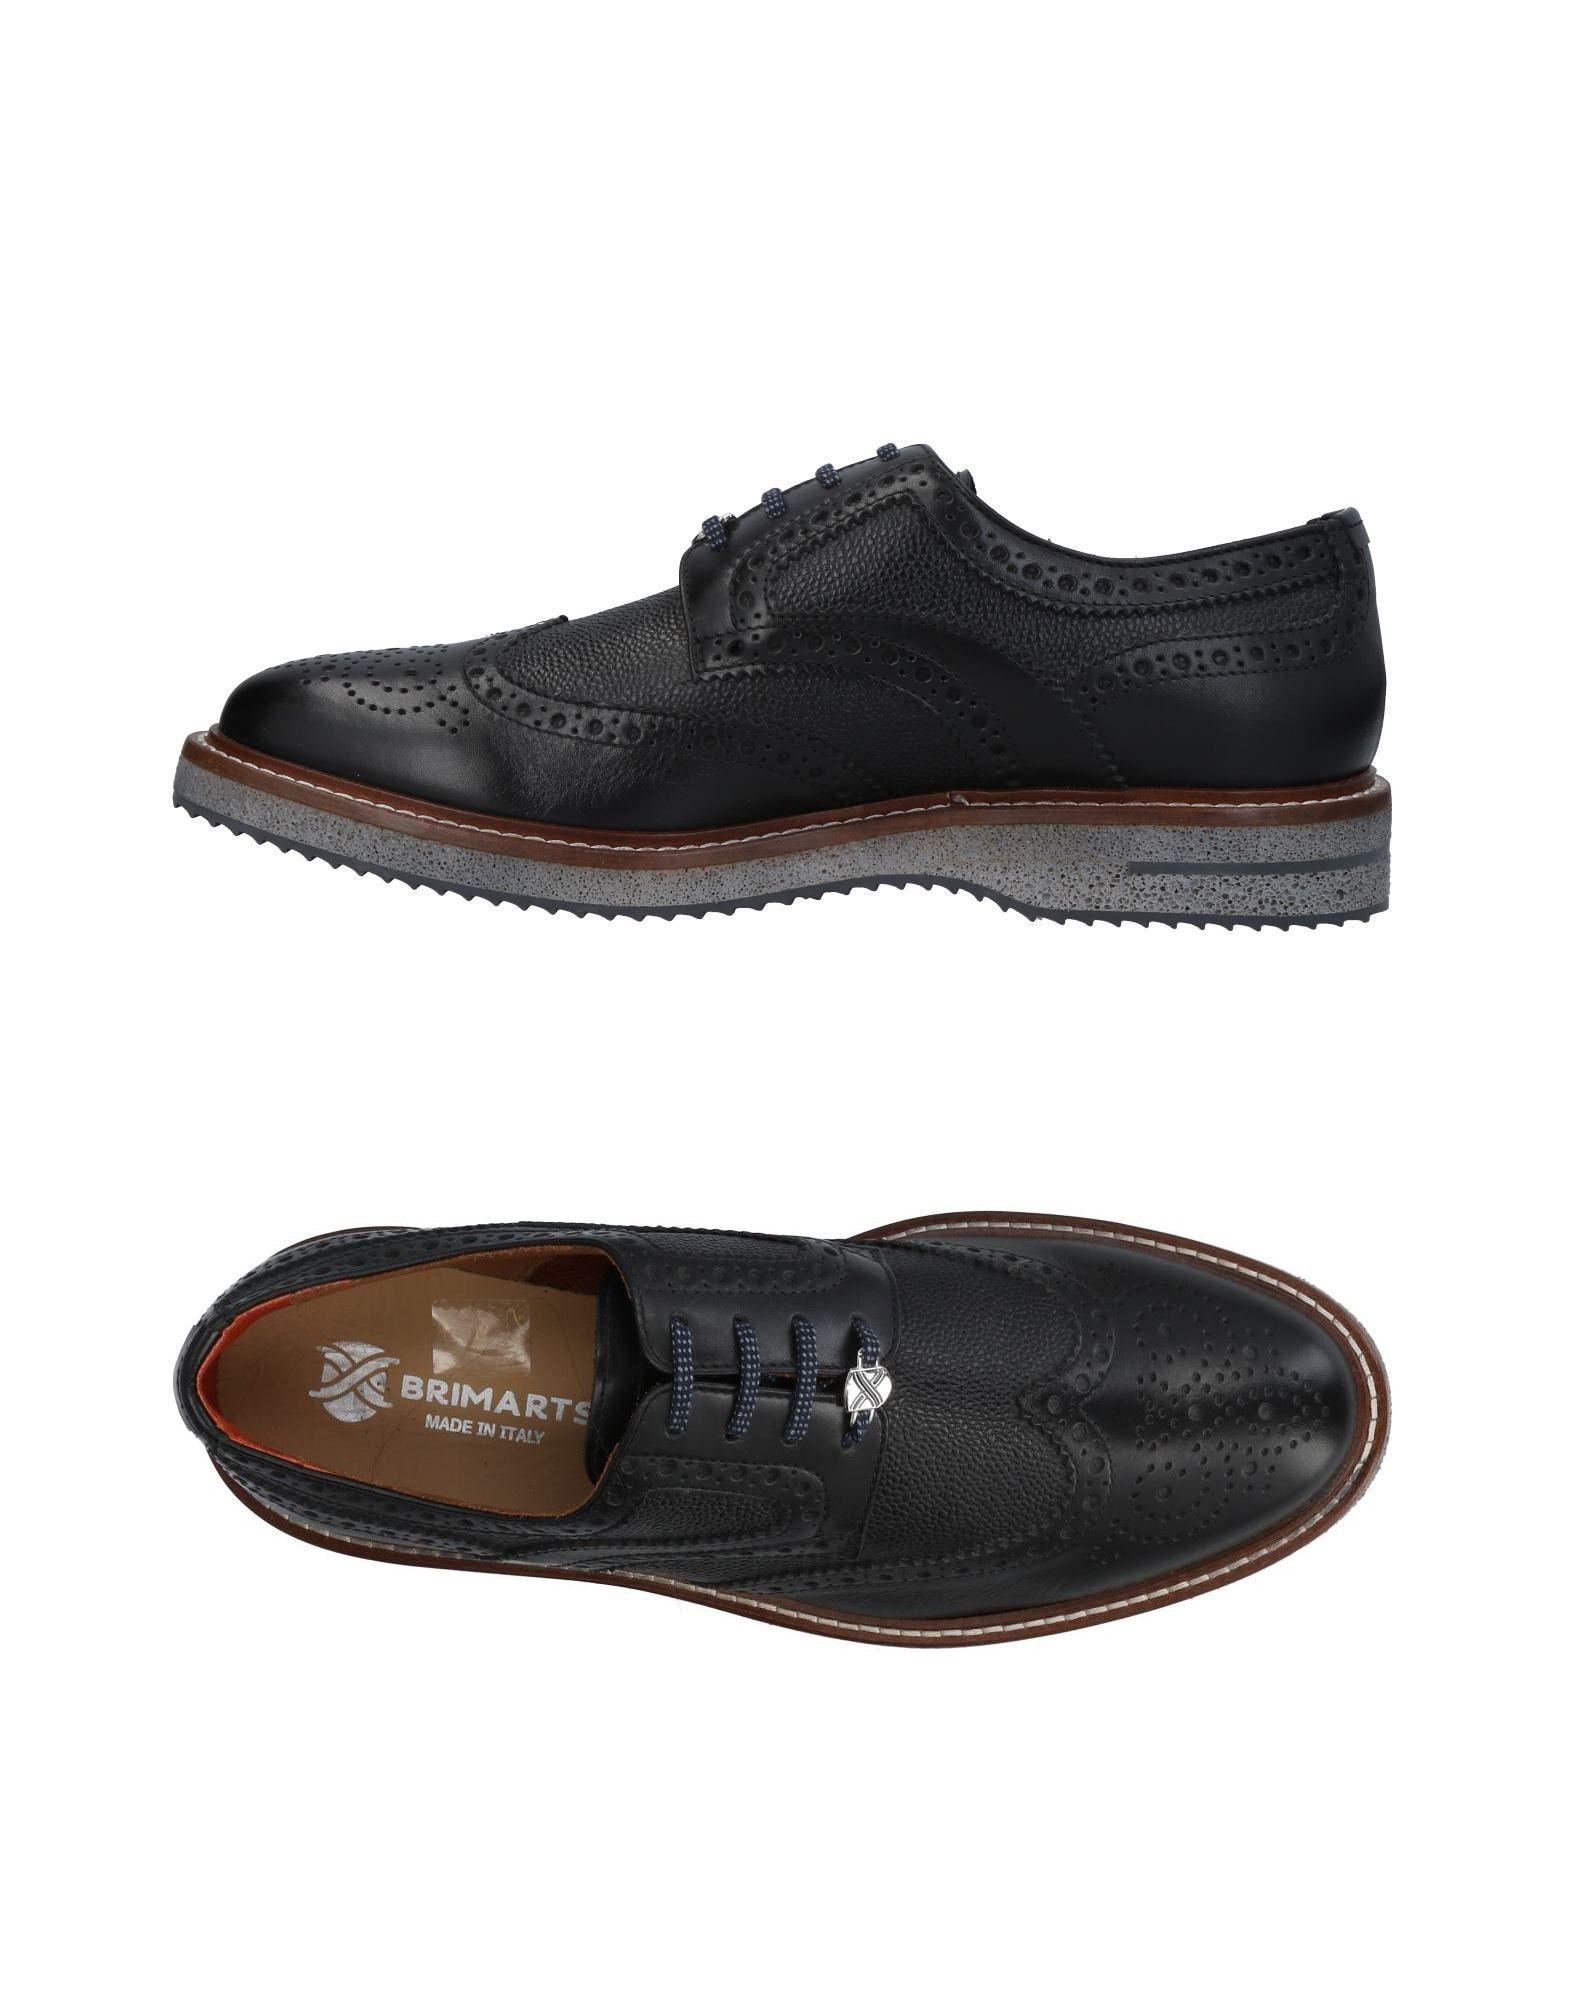 Brimarts Schnürschuhe Herren  11440697RJ Gute Qualität beliebte Schuhe